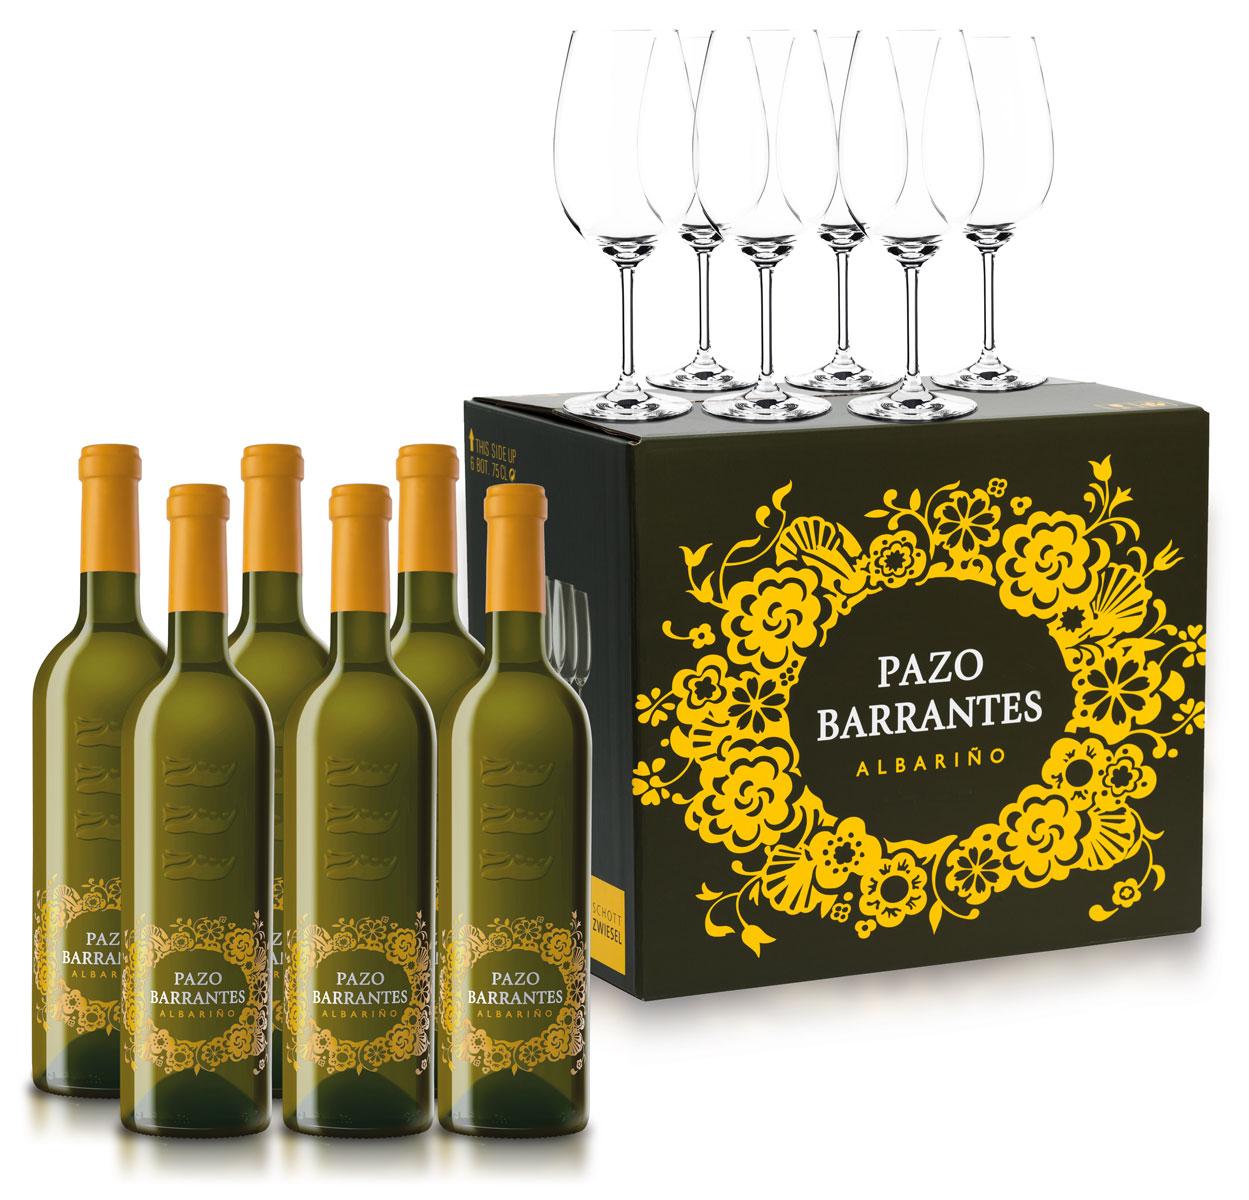 Pazo Barrantes Albariño & Schott Zwiesel glazen (set van 6) Marqués de Murrieta